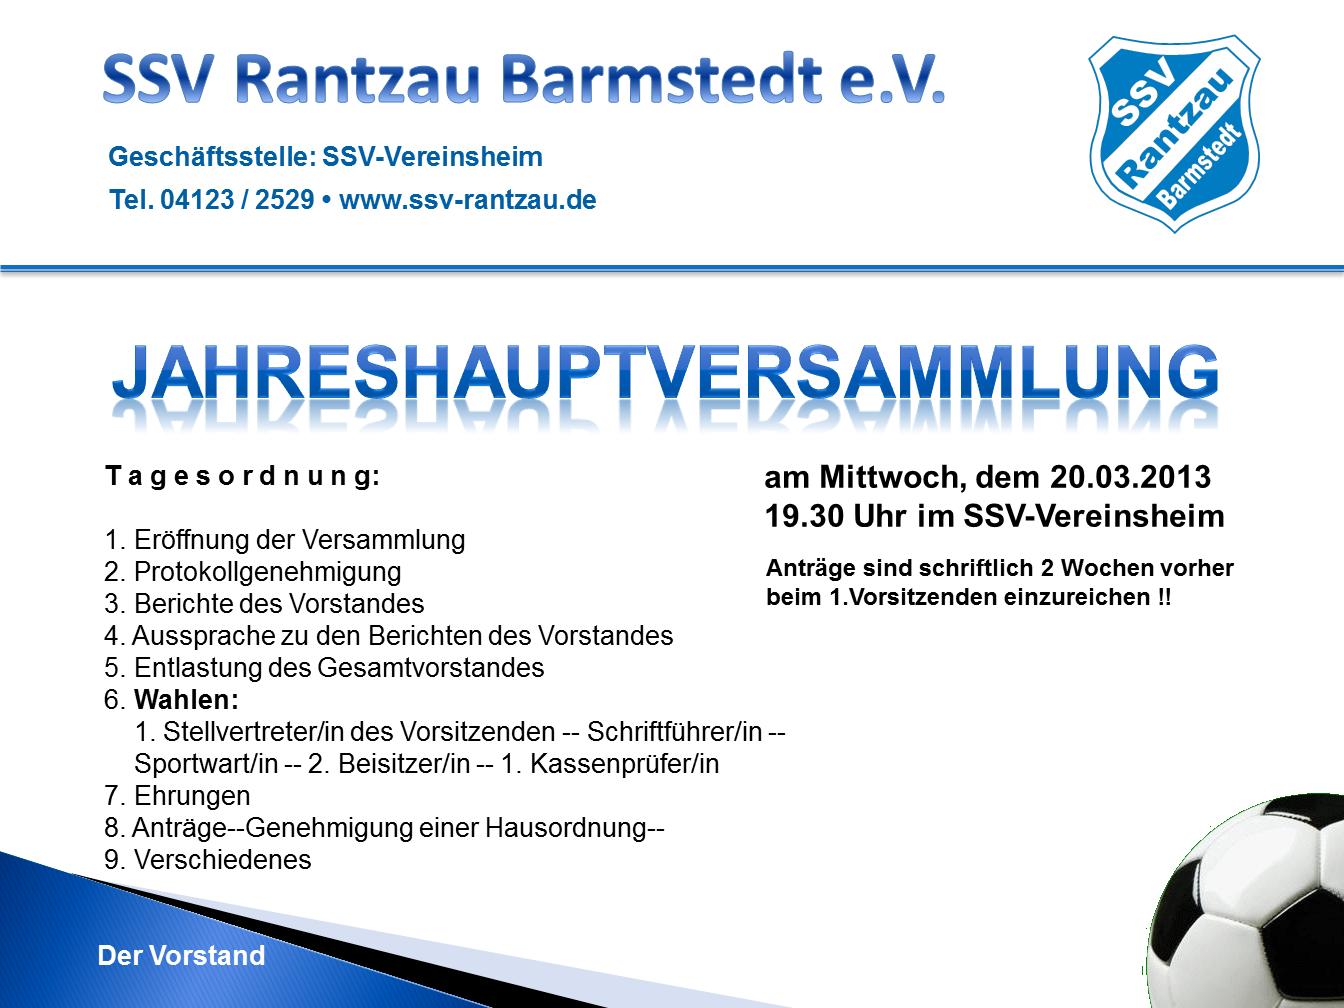 ssv rantzau - einladung zur jahreshauptversammlung 2013, Einladung